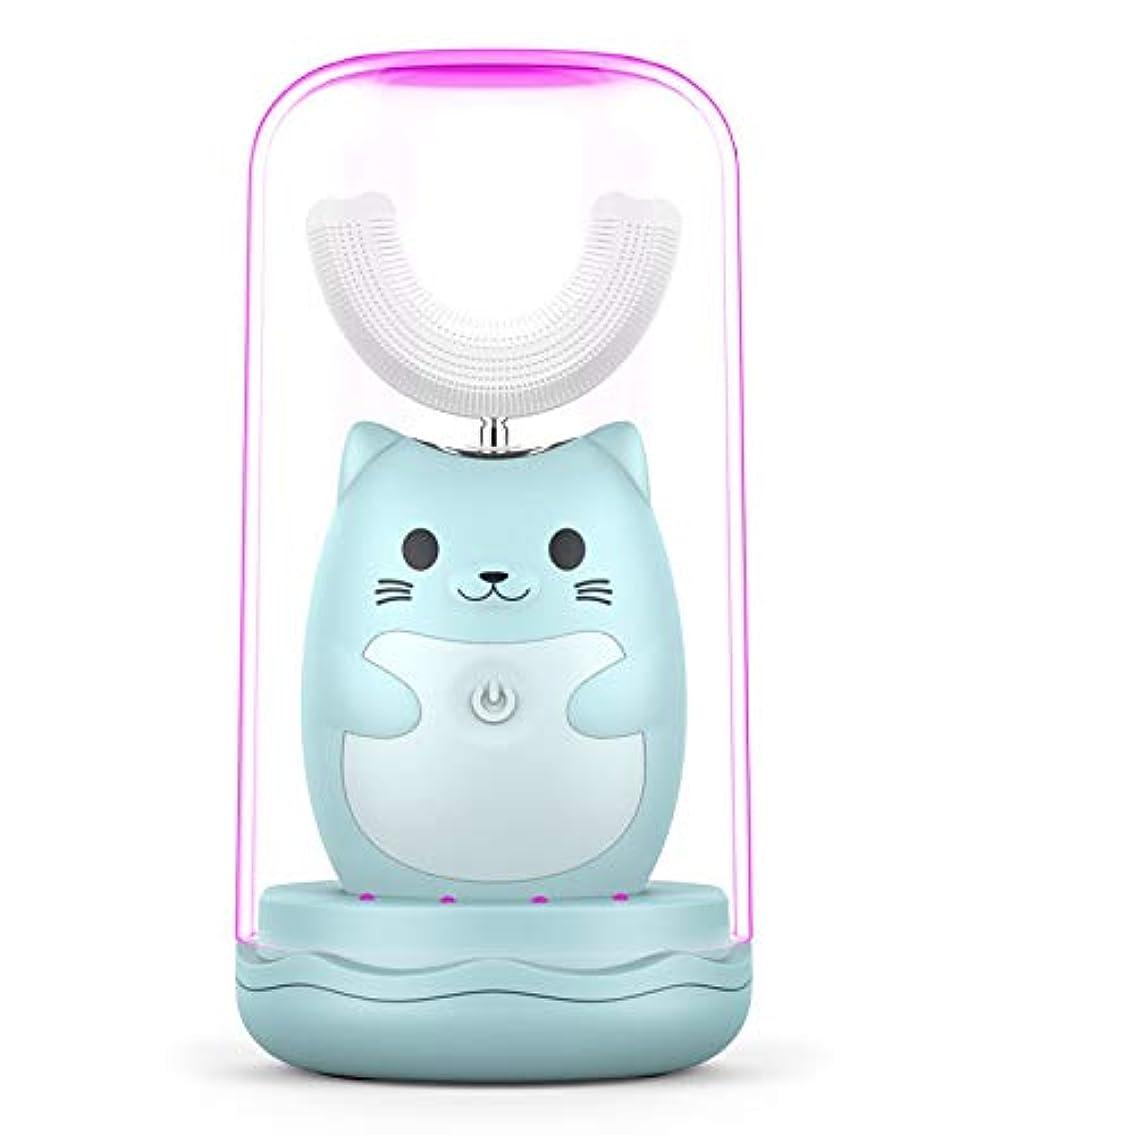 連想数値設計U型歯ブラシ、理性的な音波の歯ブラシの再充電可能な防水音6-12